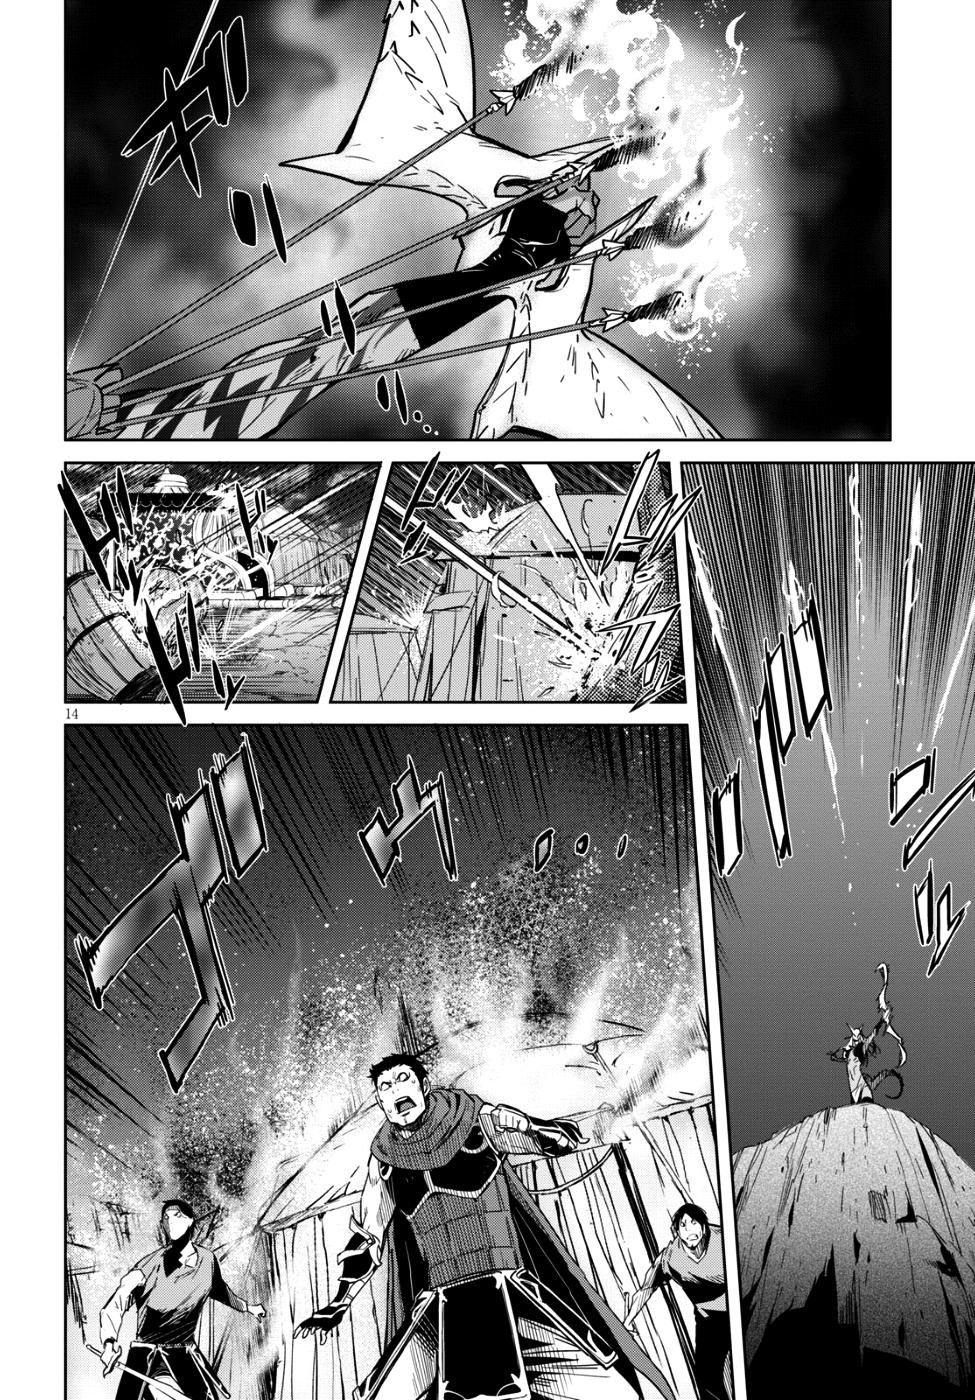 อ่านการ์ตูน Game obu Familia - Family Senki ตอนที่ 9 หน้าที่ 13